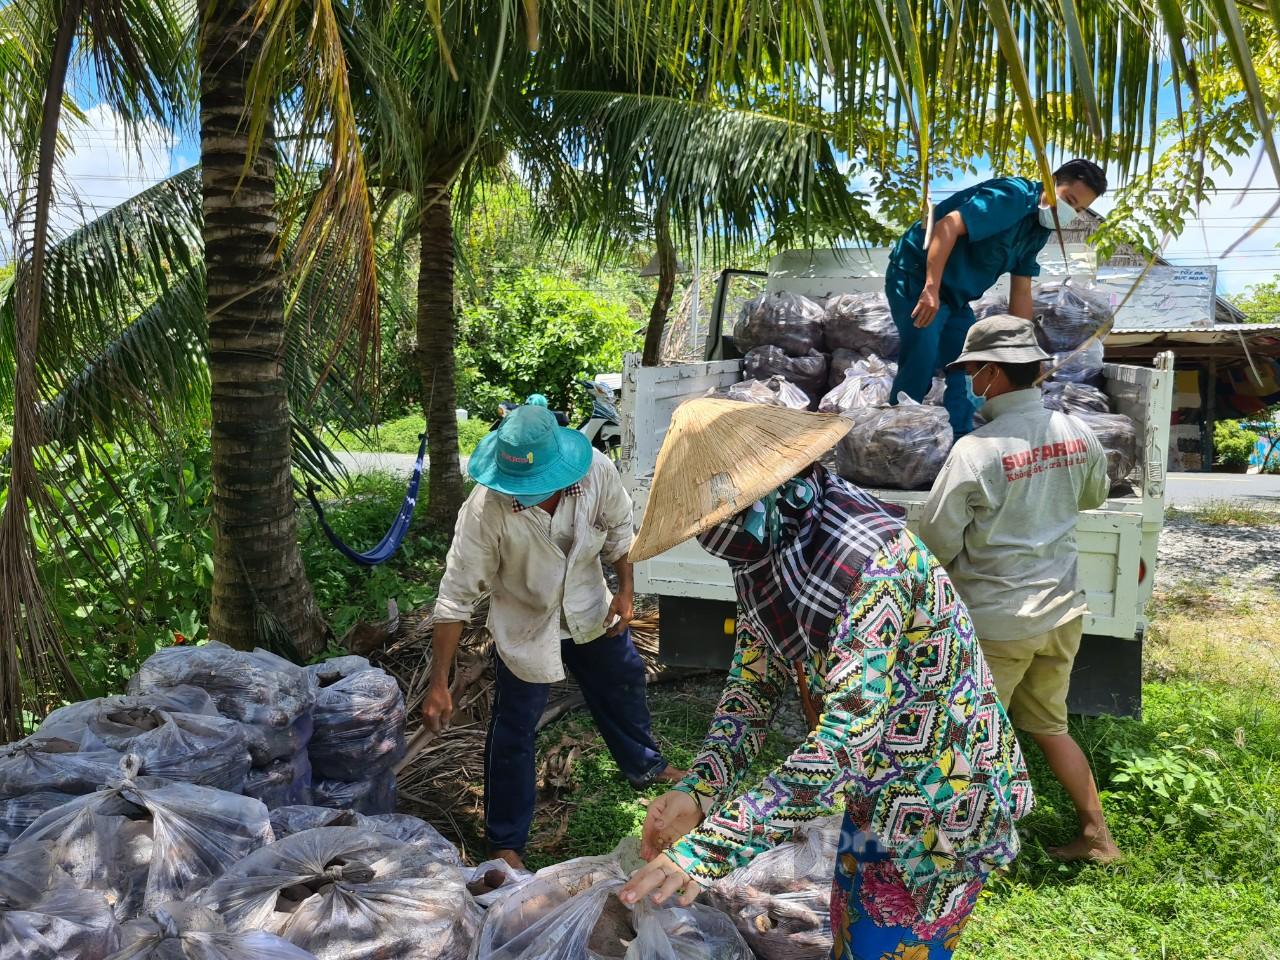 Công an huyện Giồng Riềng giúp nông dân tiêu thụ gần 180 tấn khoai lang - Ảnh 9.